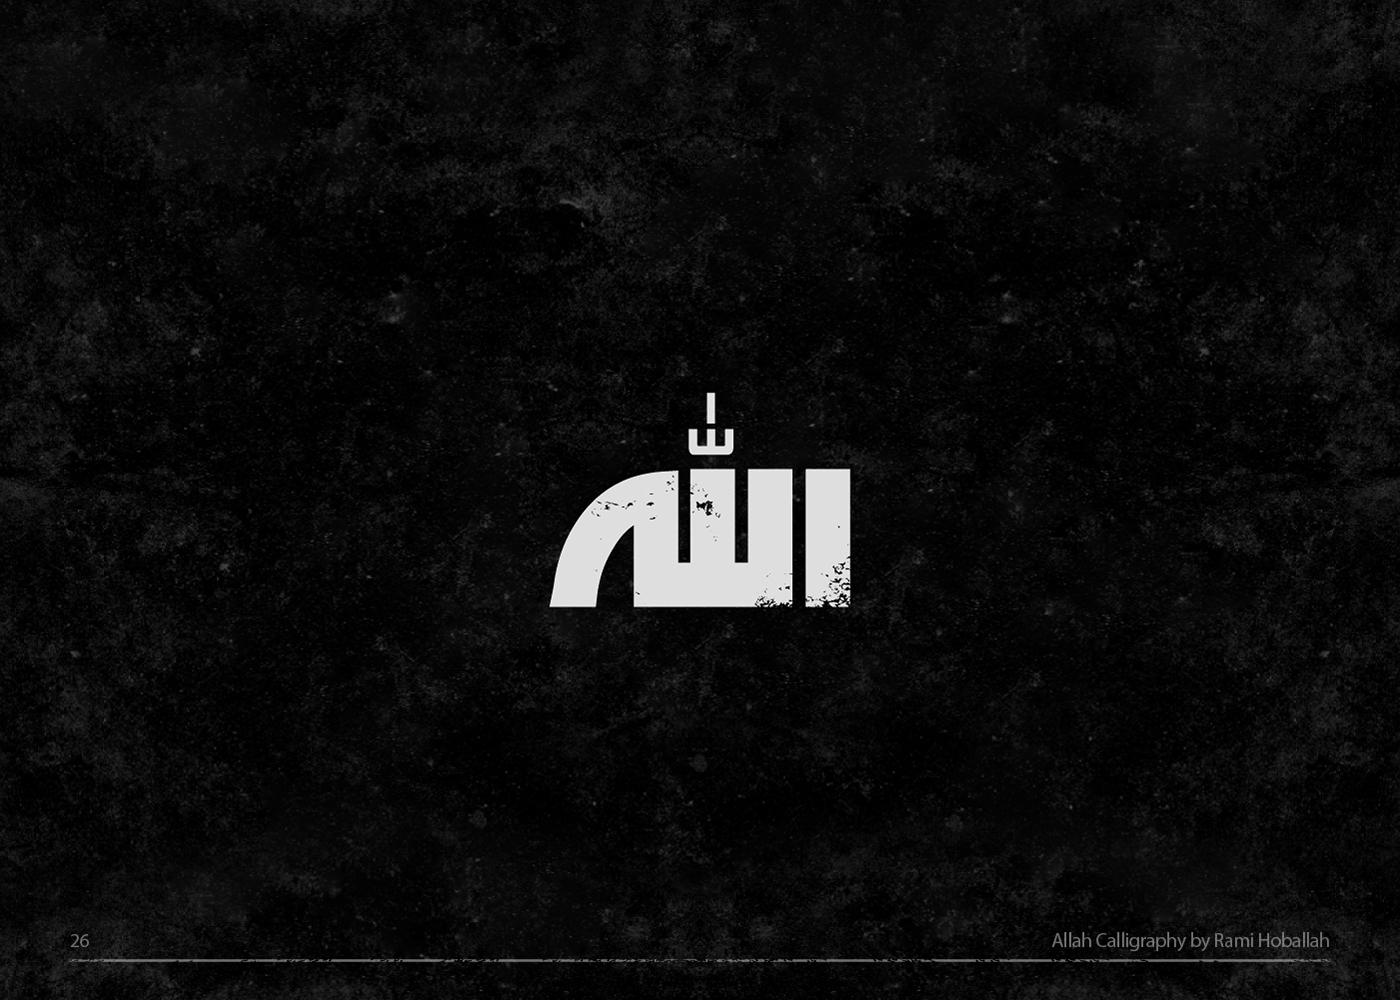 اللہ پر ایمان